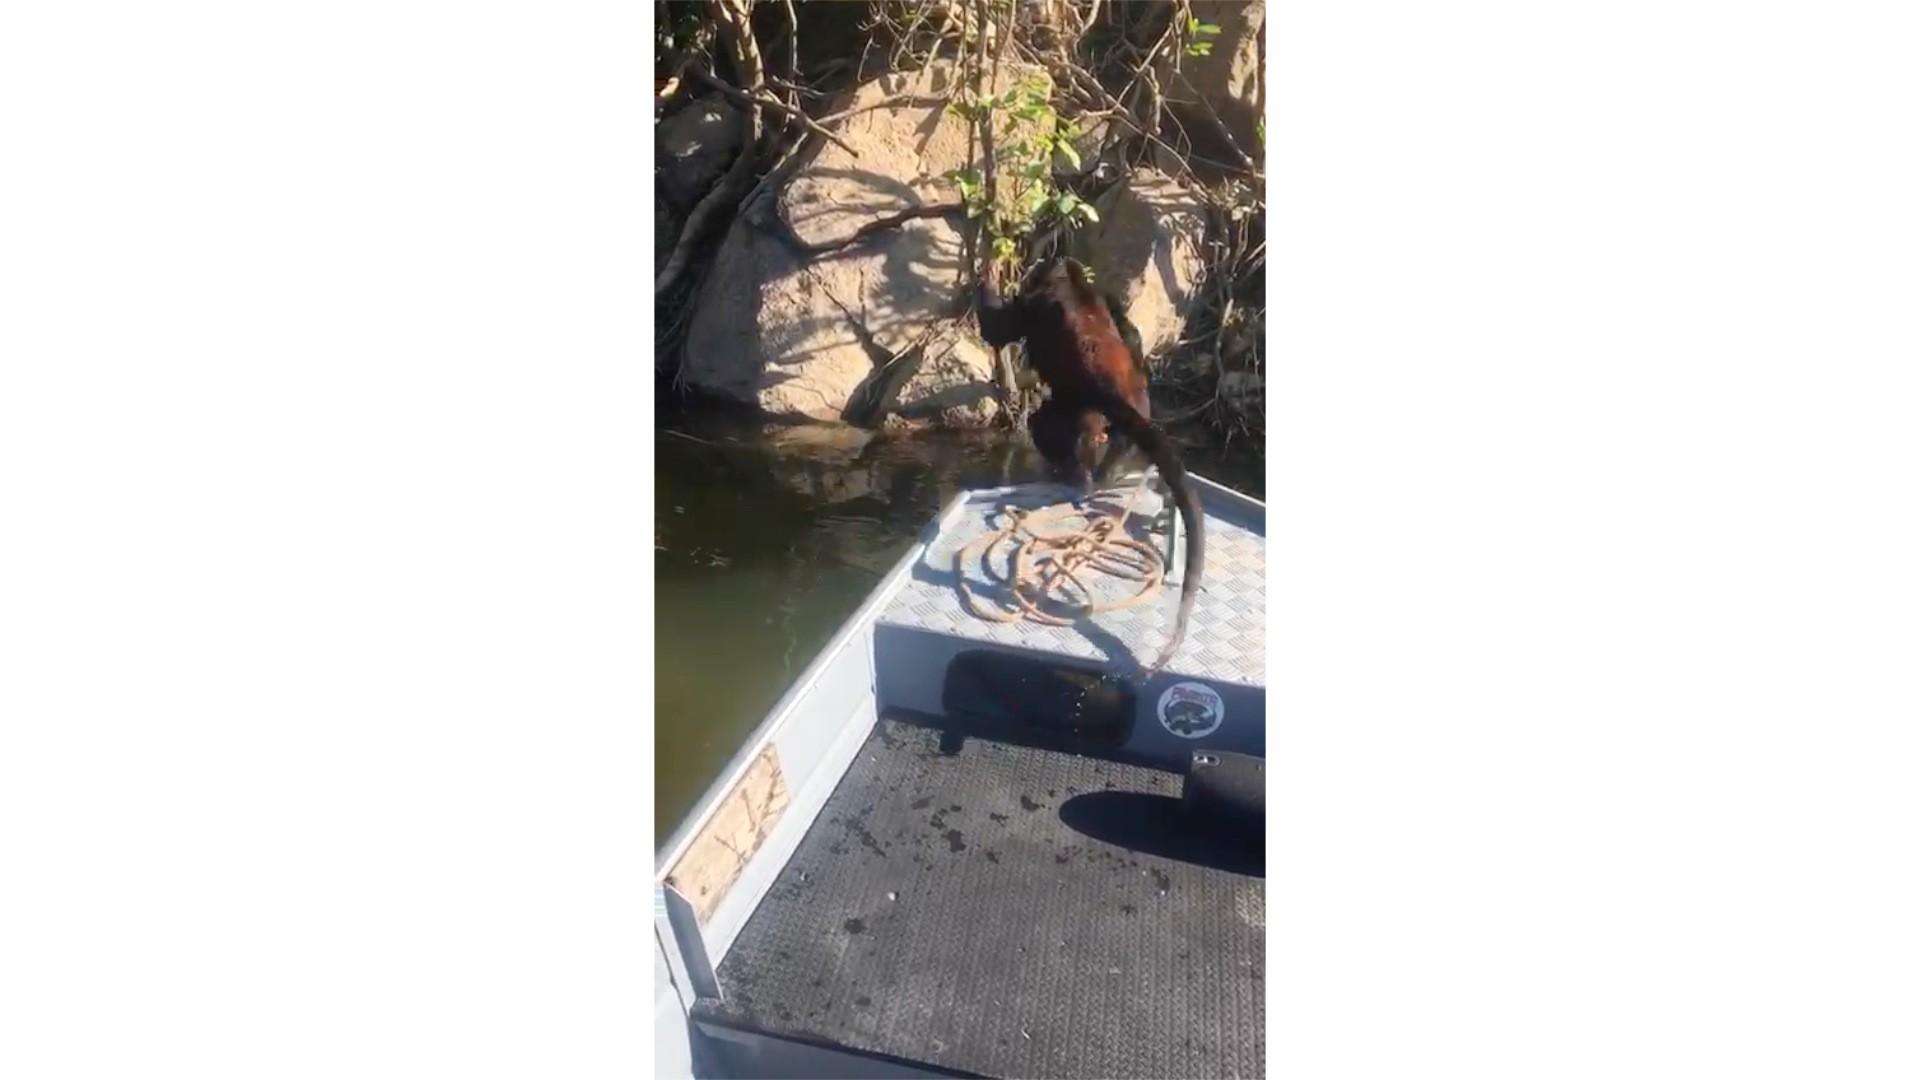 Macaco se afoga ao tentar atravessar rio e é salvo por pescadores em barco em MT; veja vídeo - Notícias - Plantão Diário